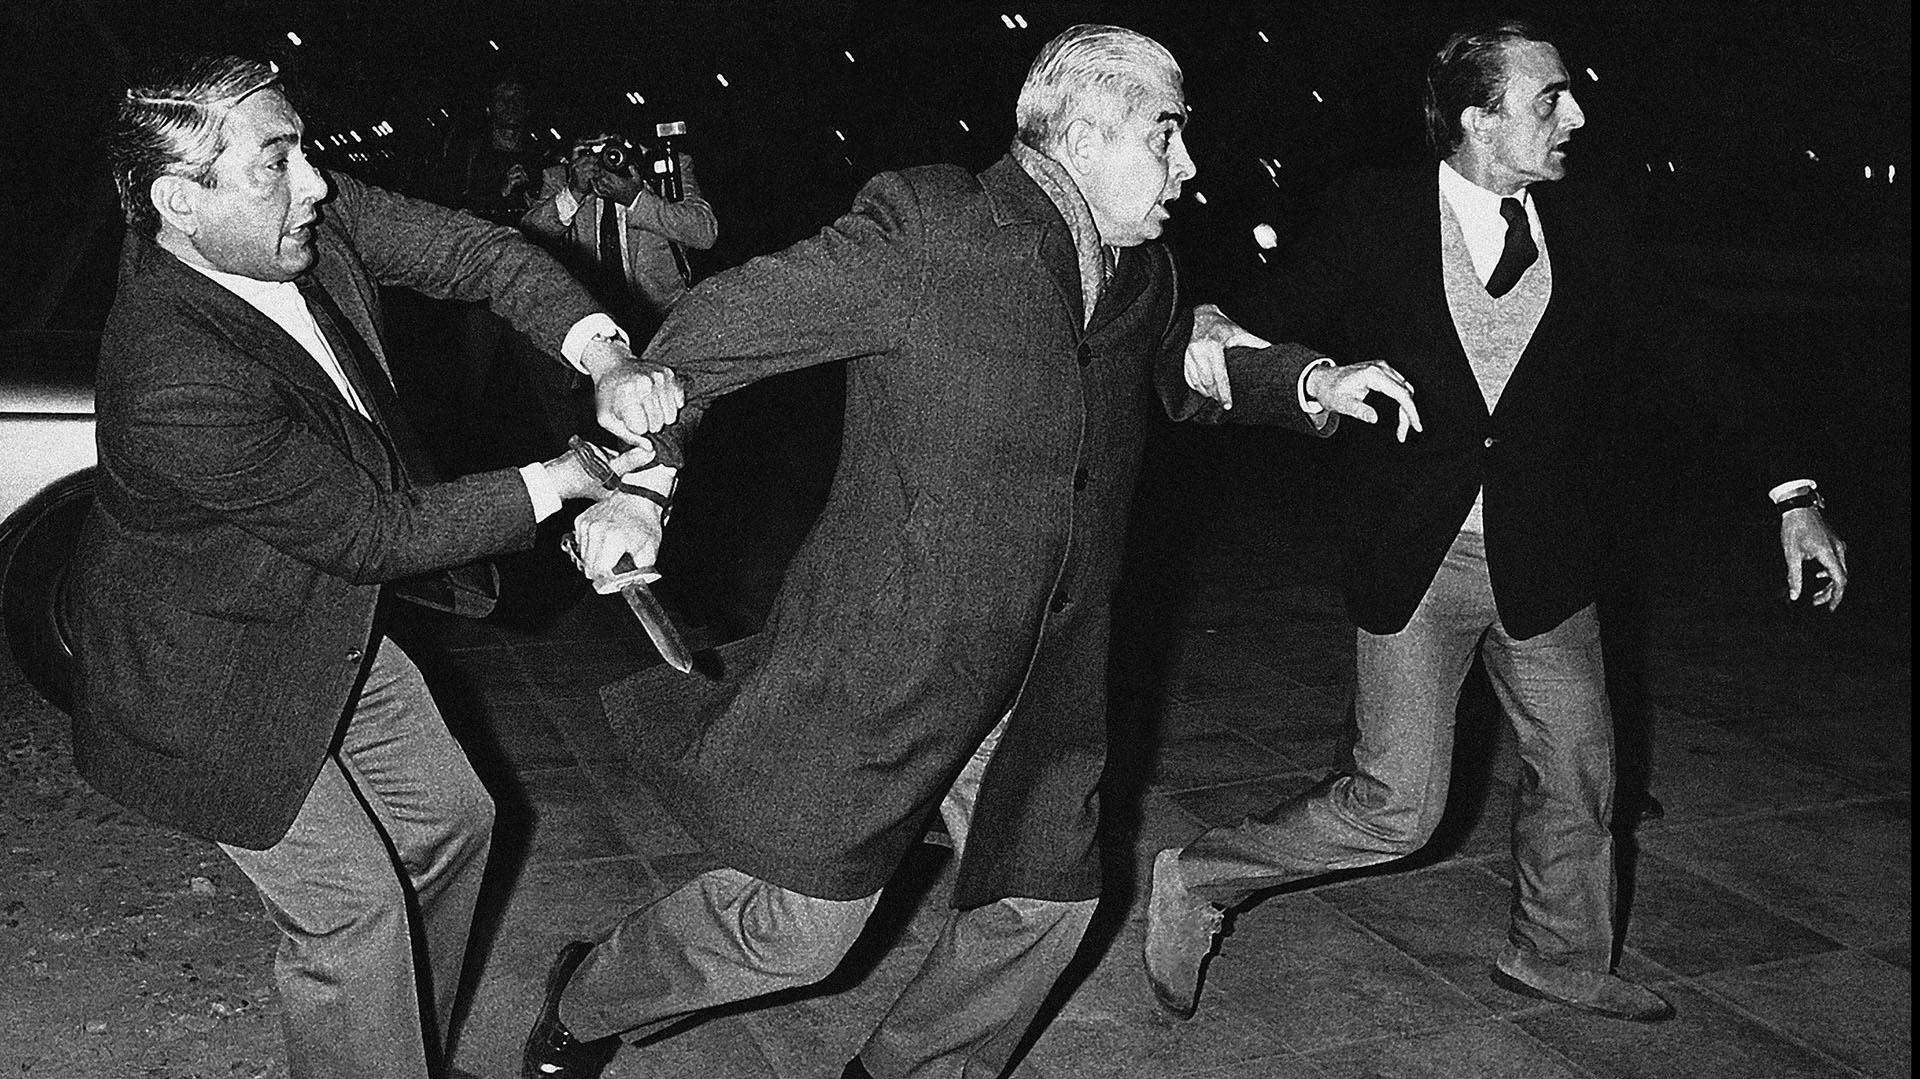 La famosa foto que hizo Enrique Rosito(Argra) cuando el militar sacó un cuchillo y atacó a jóvenes que lo insultaban en la Plaza de Mayo